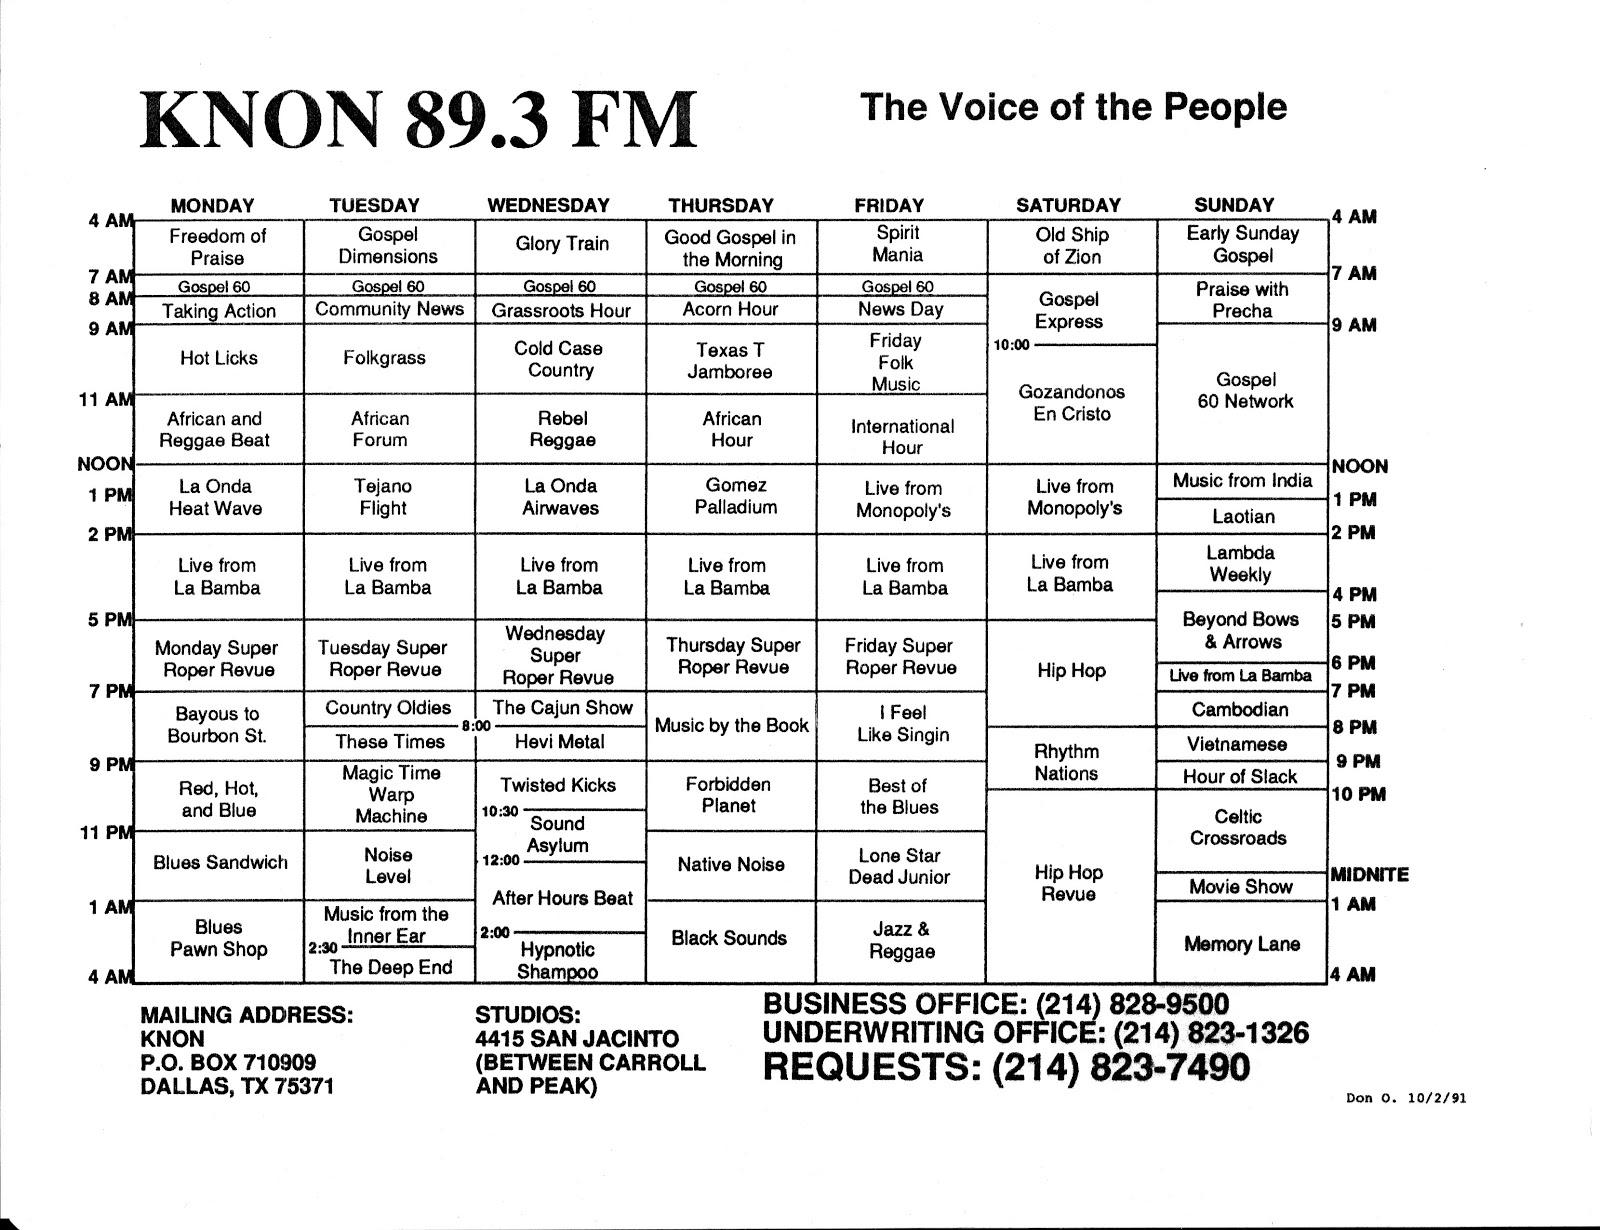 knon-schedule-911002